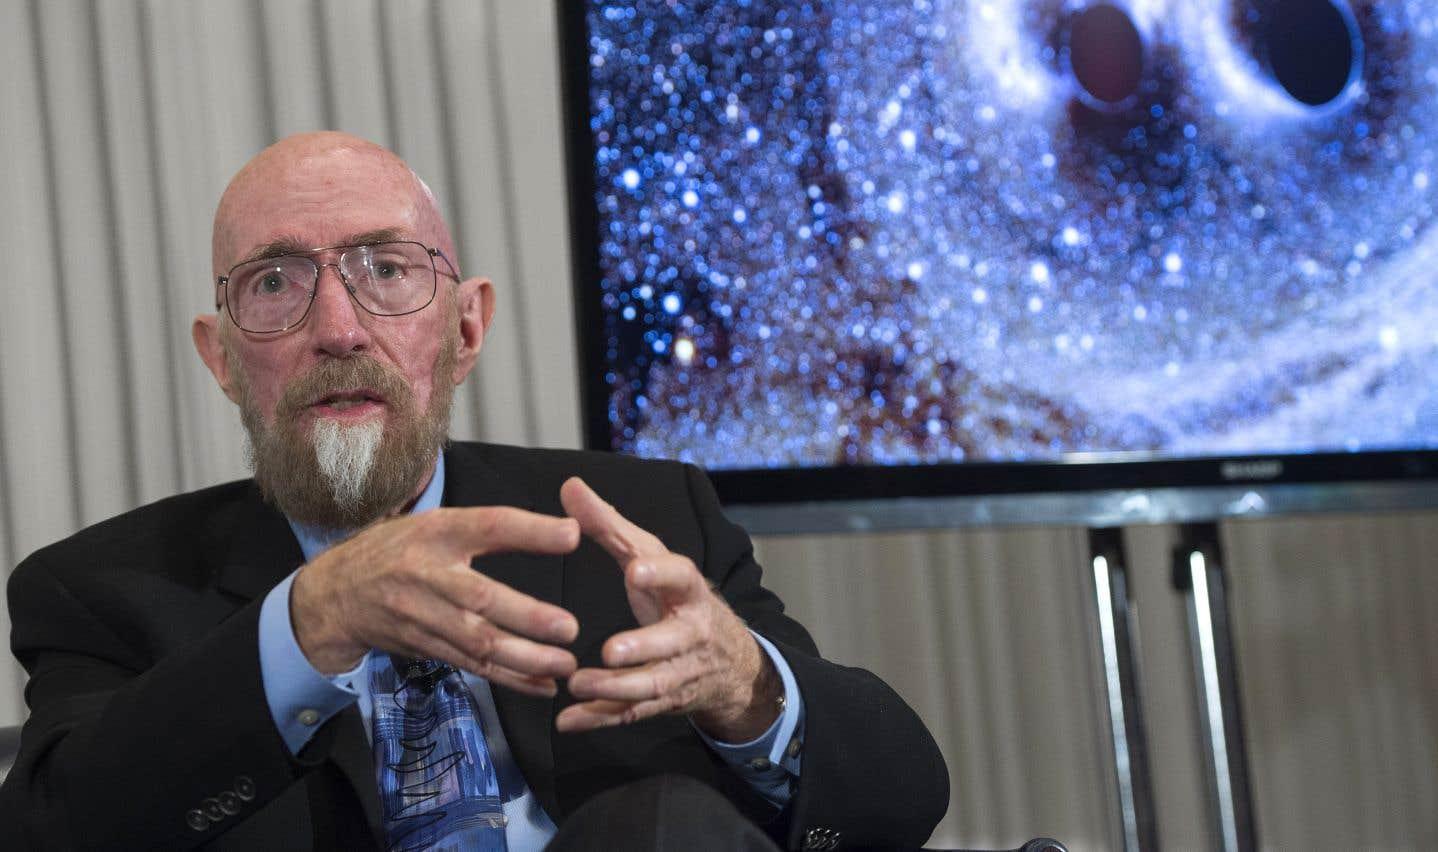 Le physicien Kip Thorne est l'un des lauréats du prix Nobel de physique 2017, qui ont prouvé que les ondes gravitationnelles étaient un nouvel outil dans la trousse des astrophysiciens, et pas simplement une curiosité théorique.